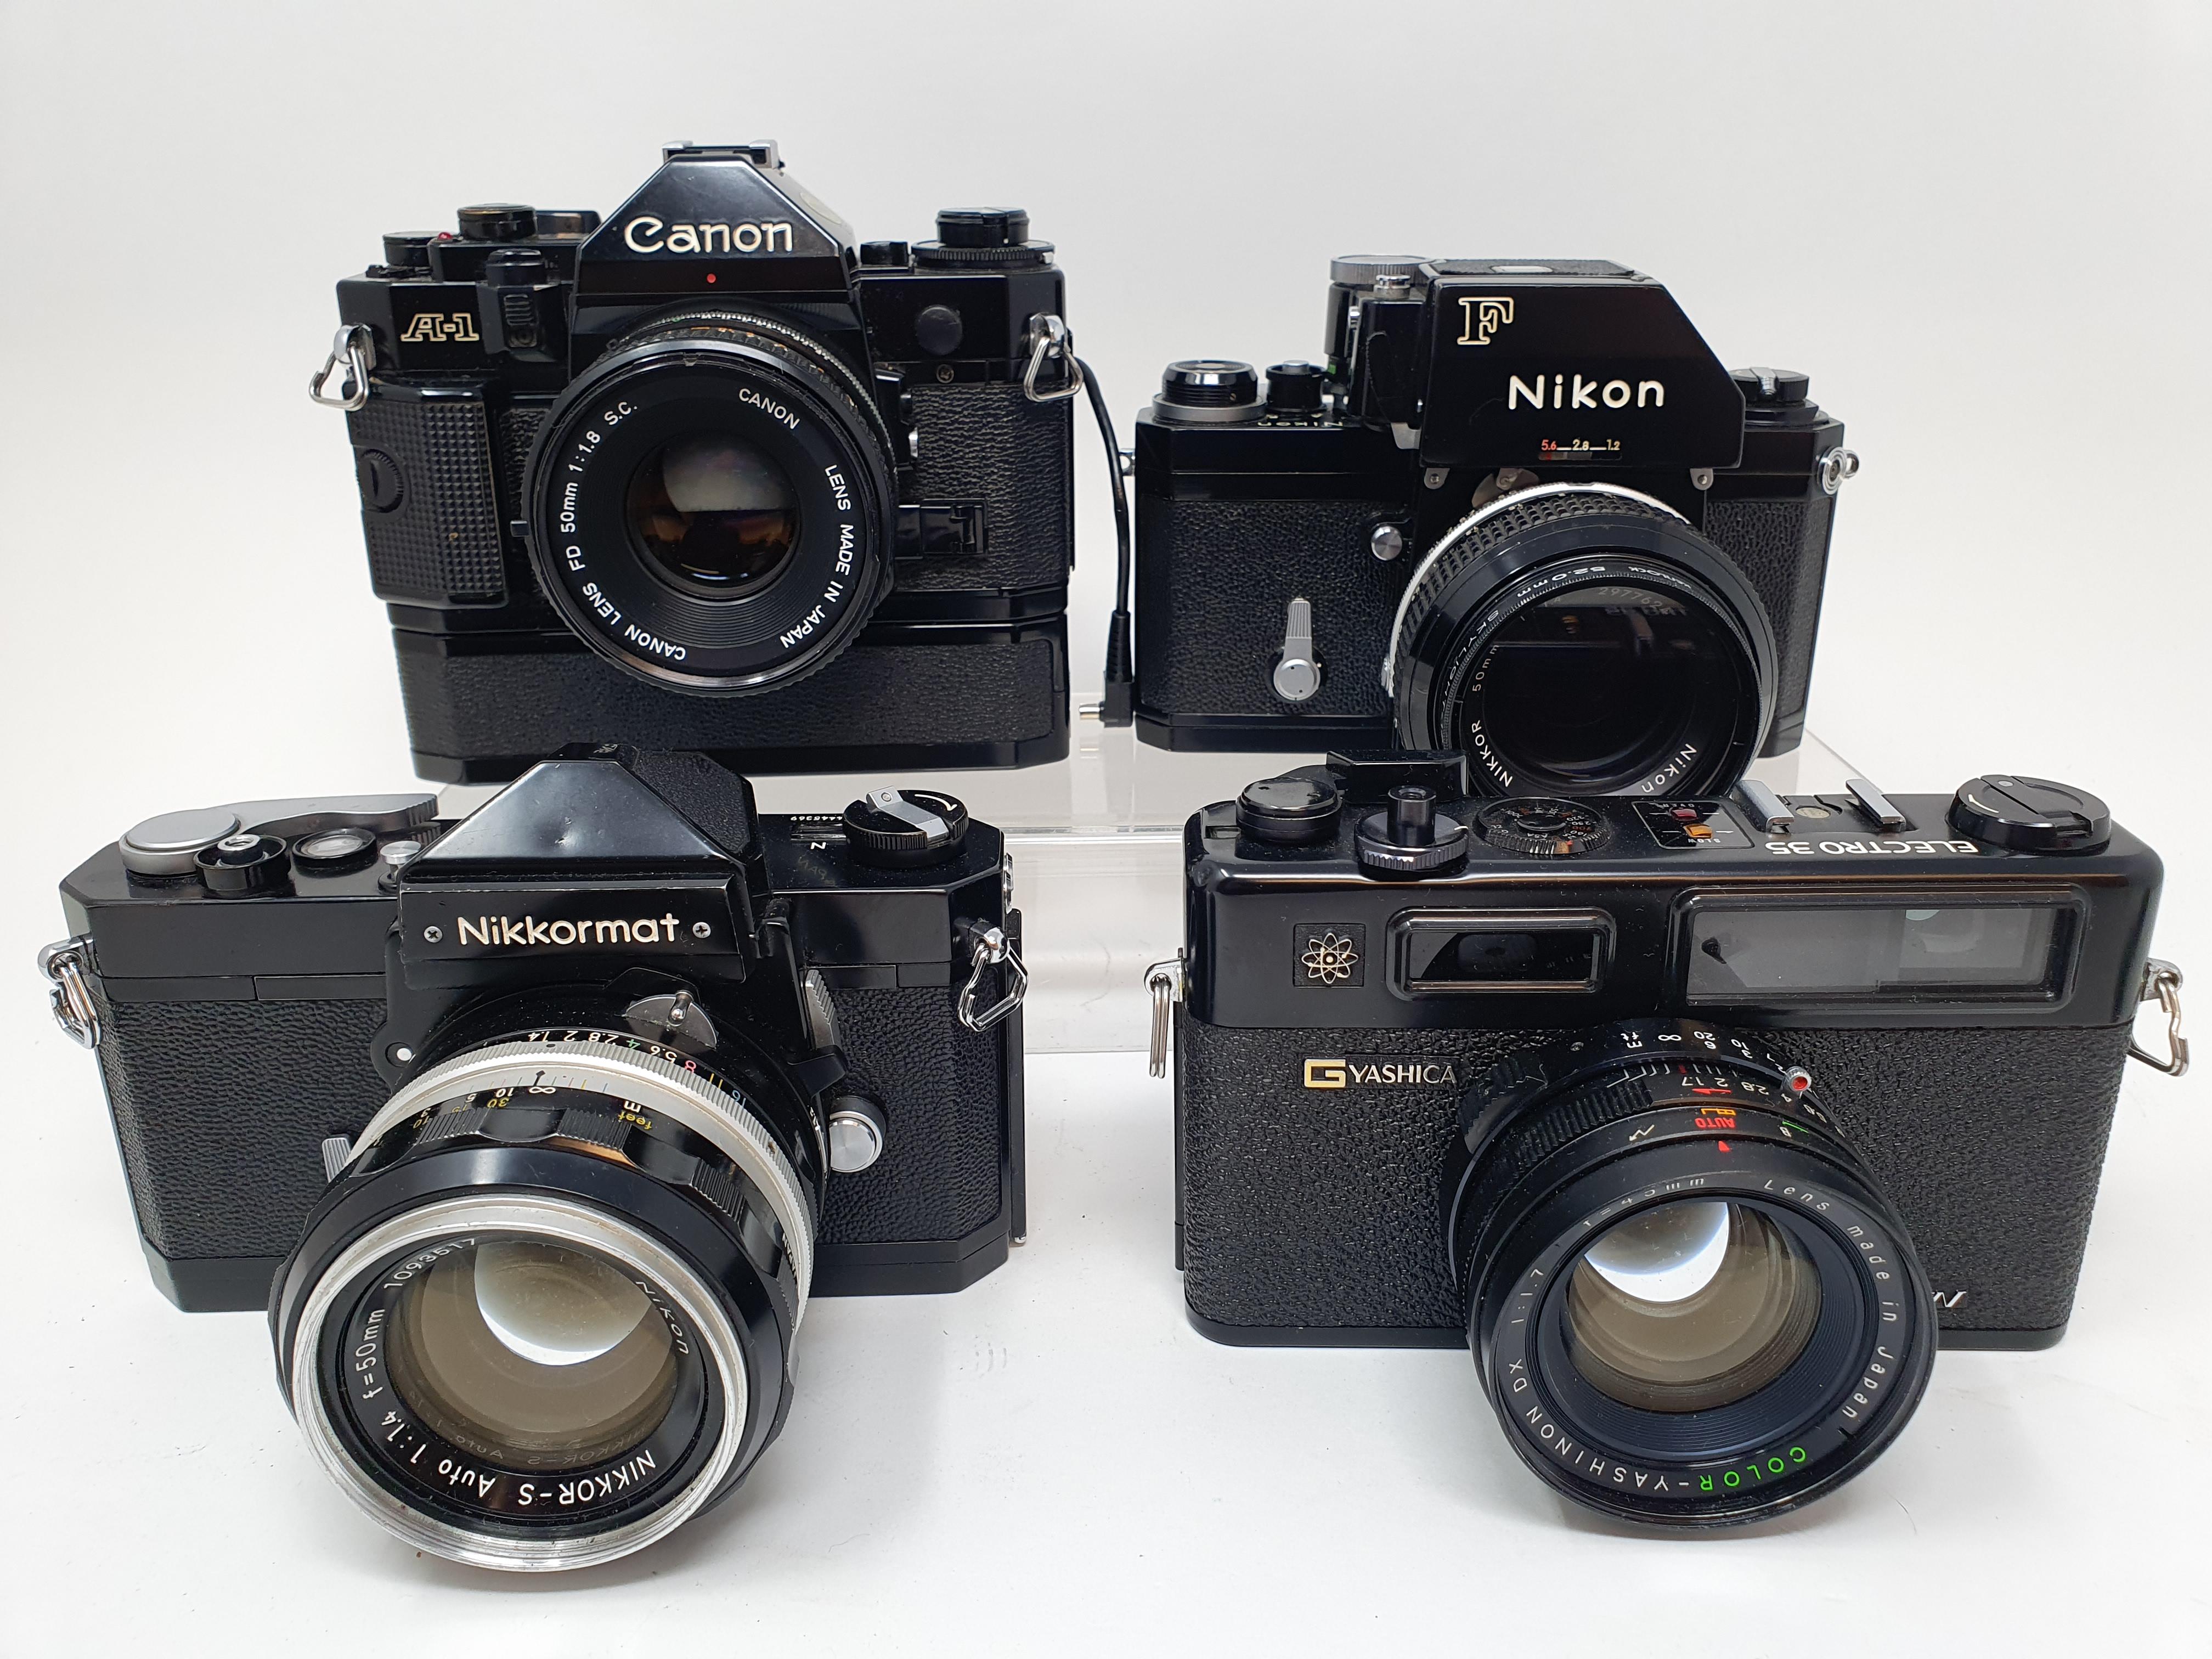 A Nikon F camera, with outer case, a Yashica GTN camera, a Canon A-1 camera, and a Nikkormat Nikon